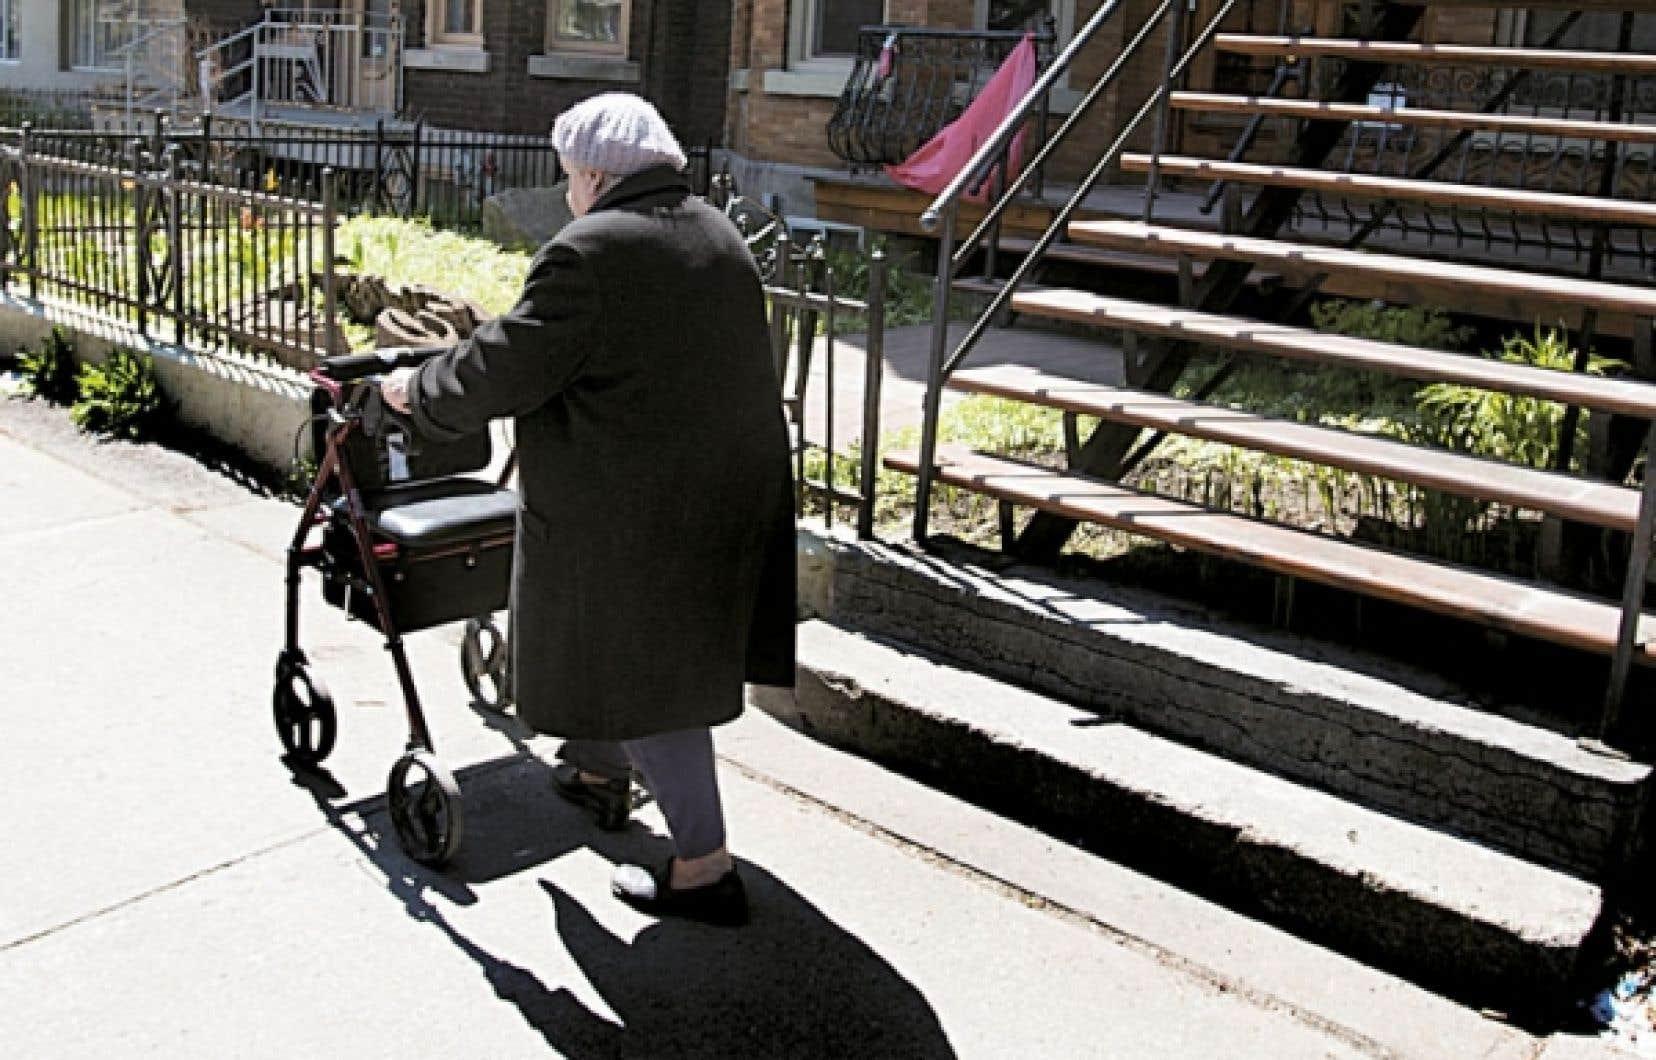 Alors que moins de 5 % des personnes de plus de 65 ans sont hébergées en CHSLD, la population a tendance à croire que c'est le sort qui attend beaucoup plus de personnes âgées.